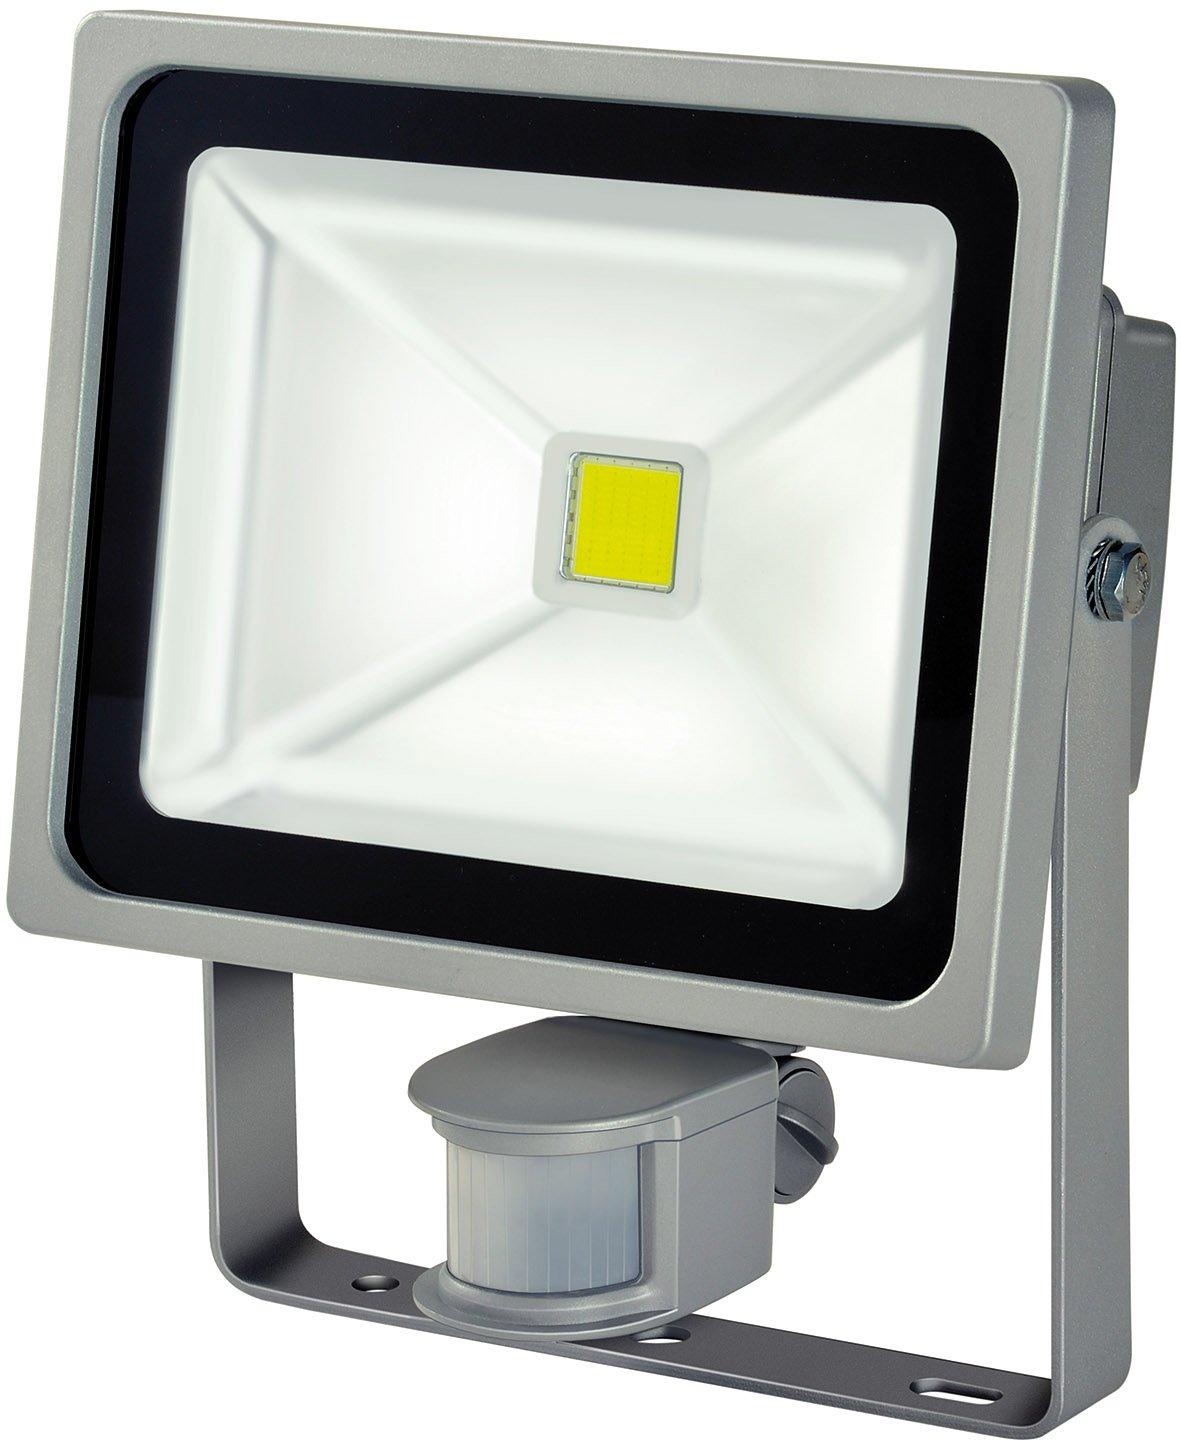 Brennenstuhl Chip-LED-Leuchte / LED Strahler mit Bewegungsmelder Infrarot für außen (Außenstrahler 30 Watt, LED Fluter Tageslicht, IP44) Farbe: silber [Energieklasse A] 1171250322